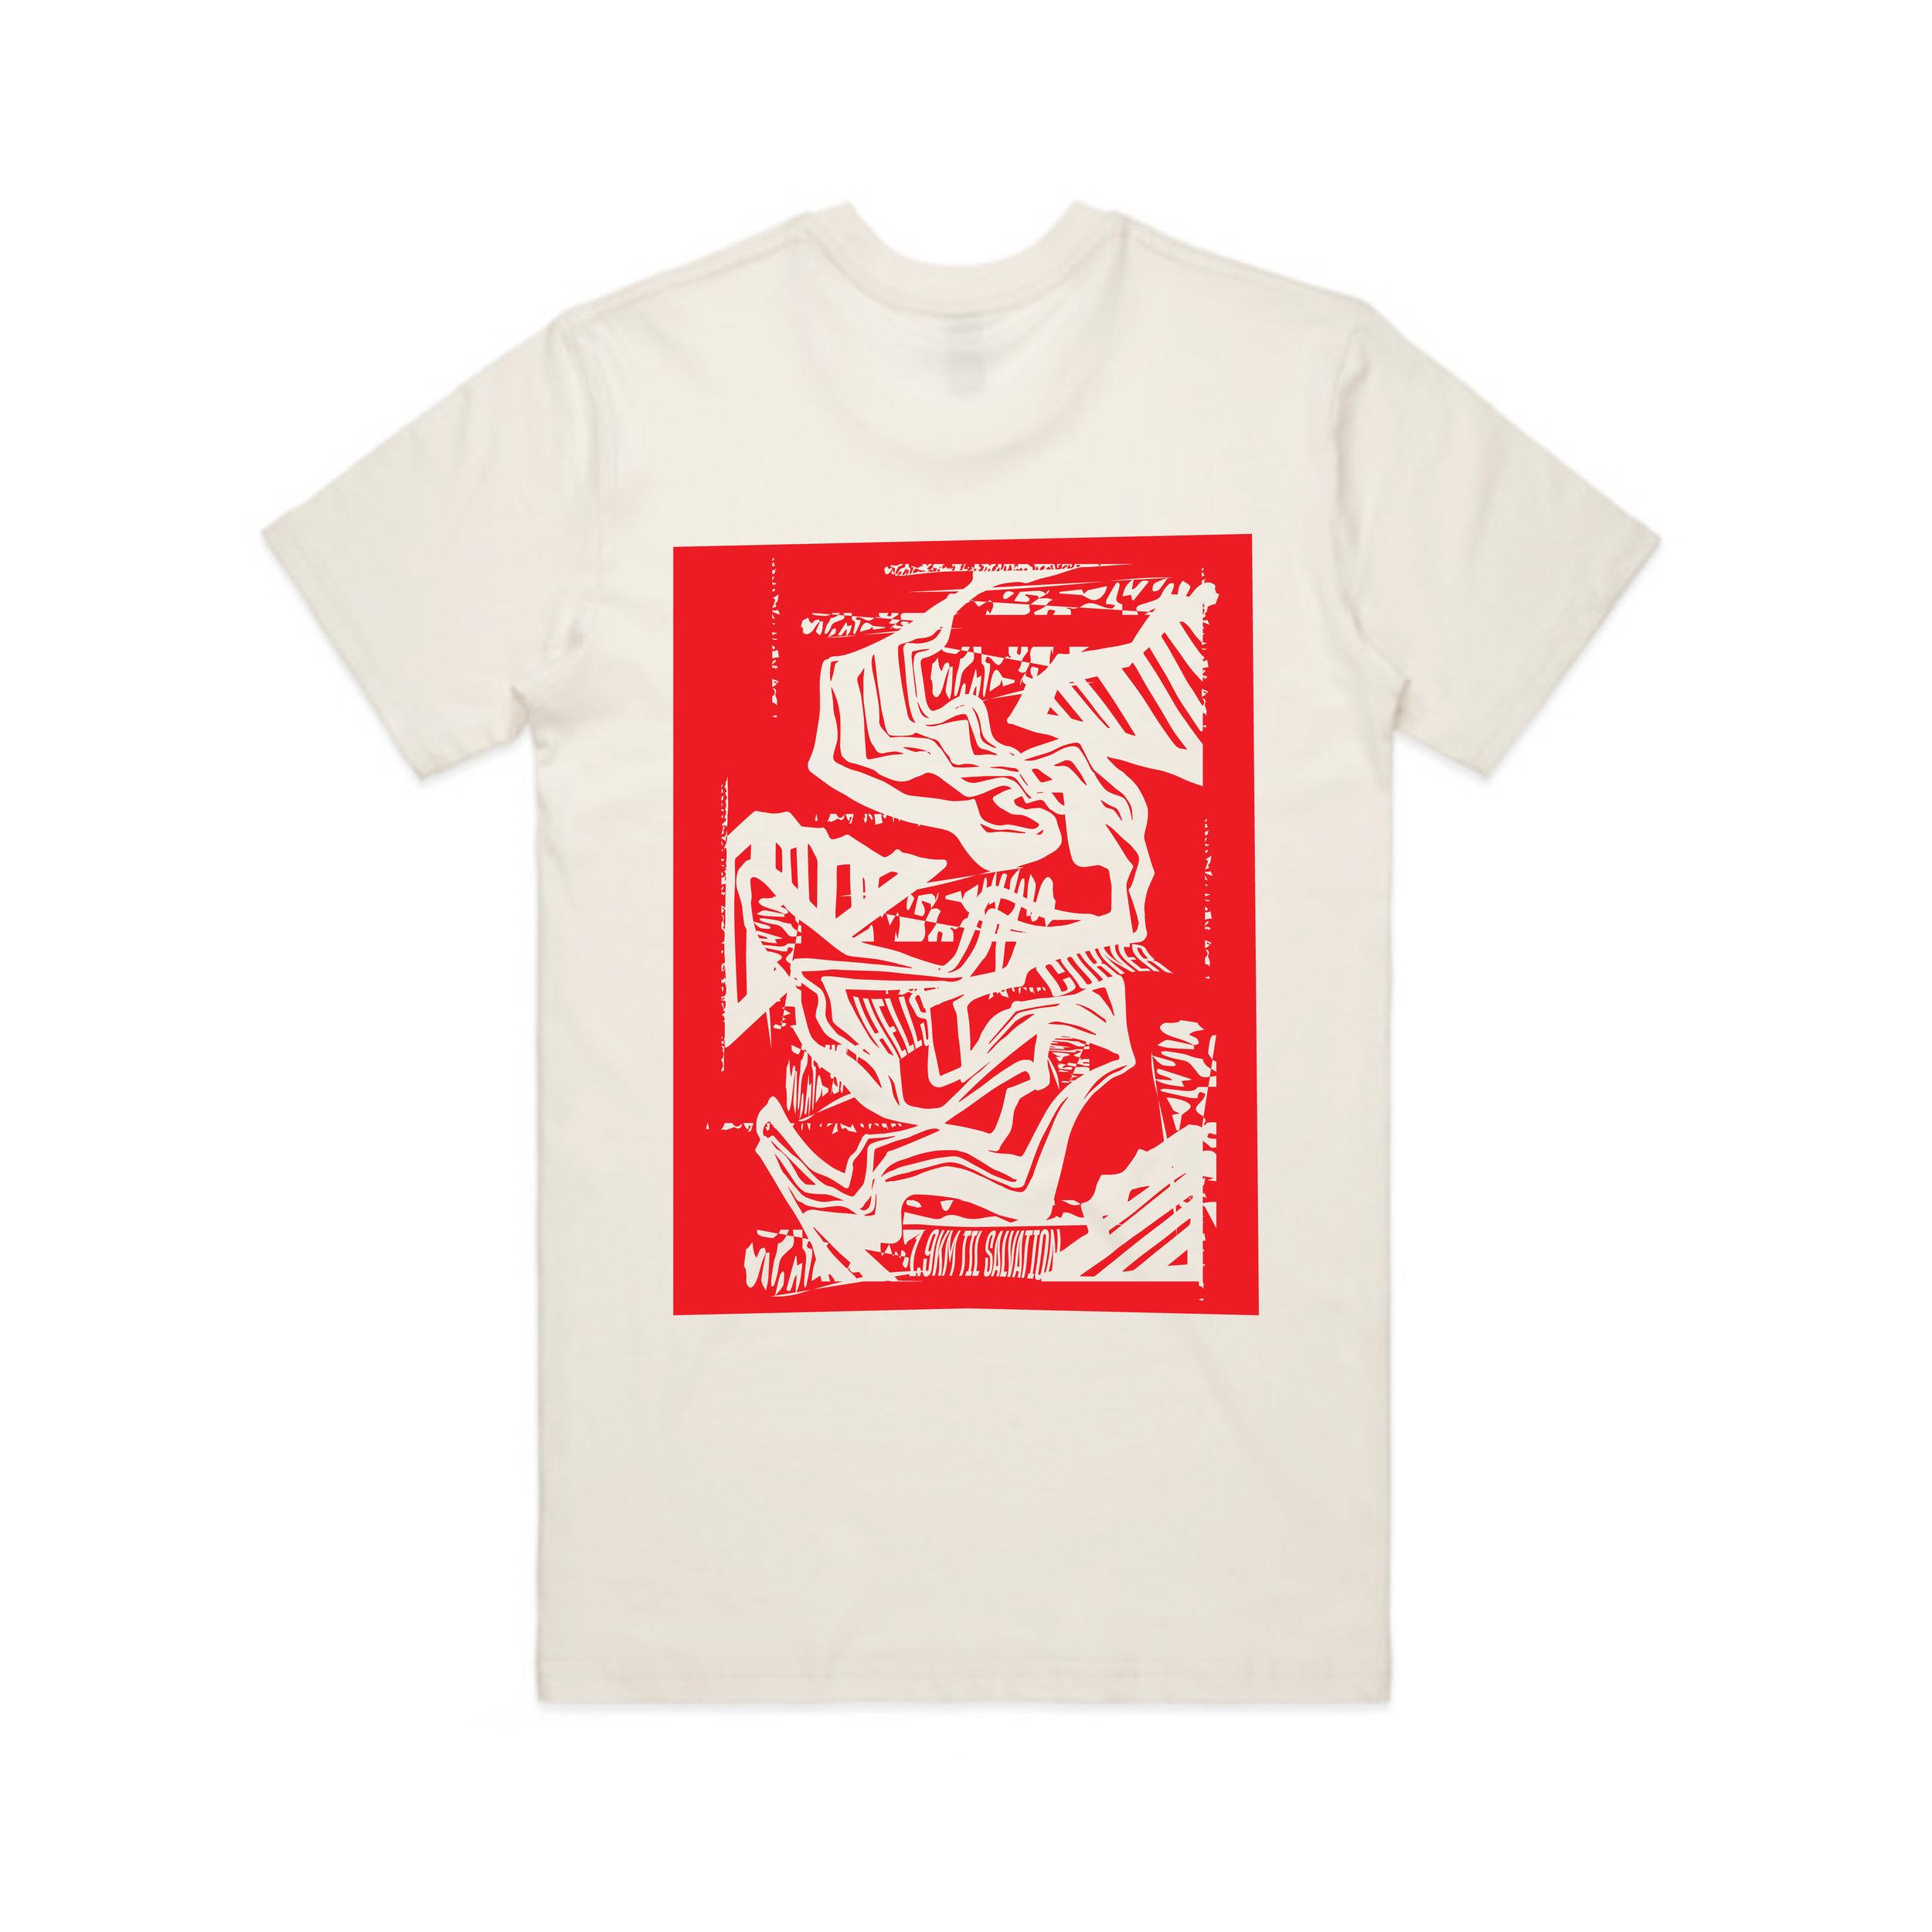 Mount Buller T-Shirt Product-01.jpg